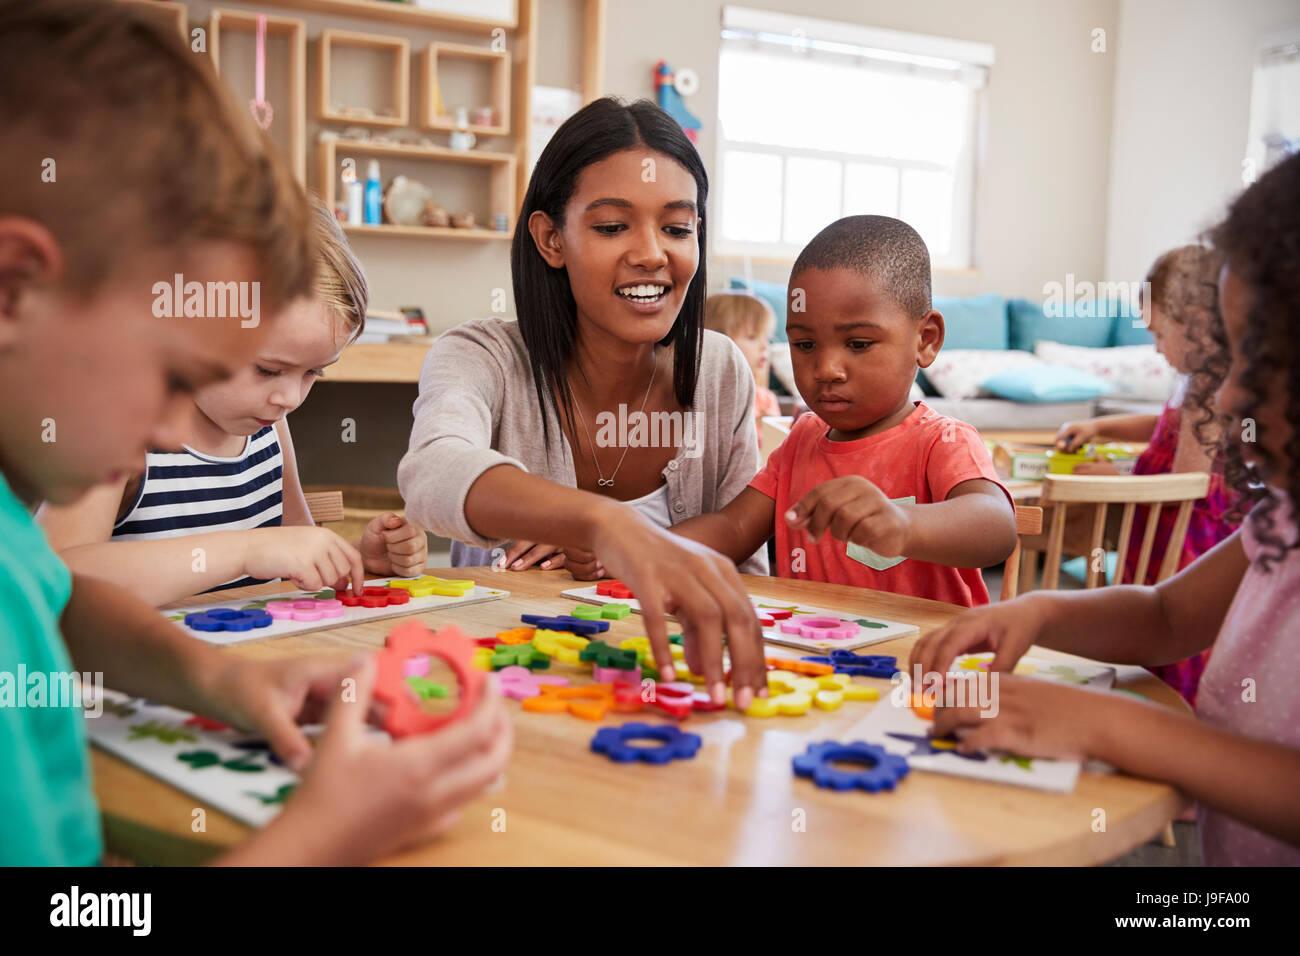 Lehrer und Schüler mit Blütenformen In Montessori-Schule Stockbild